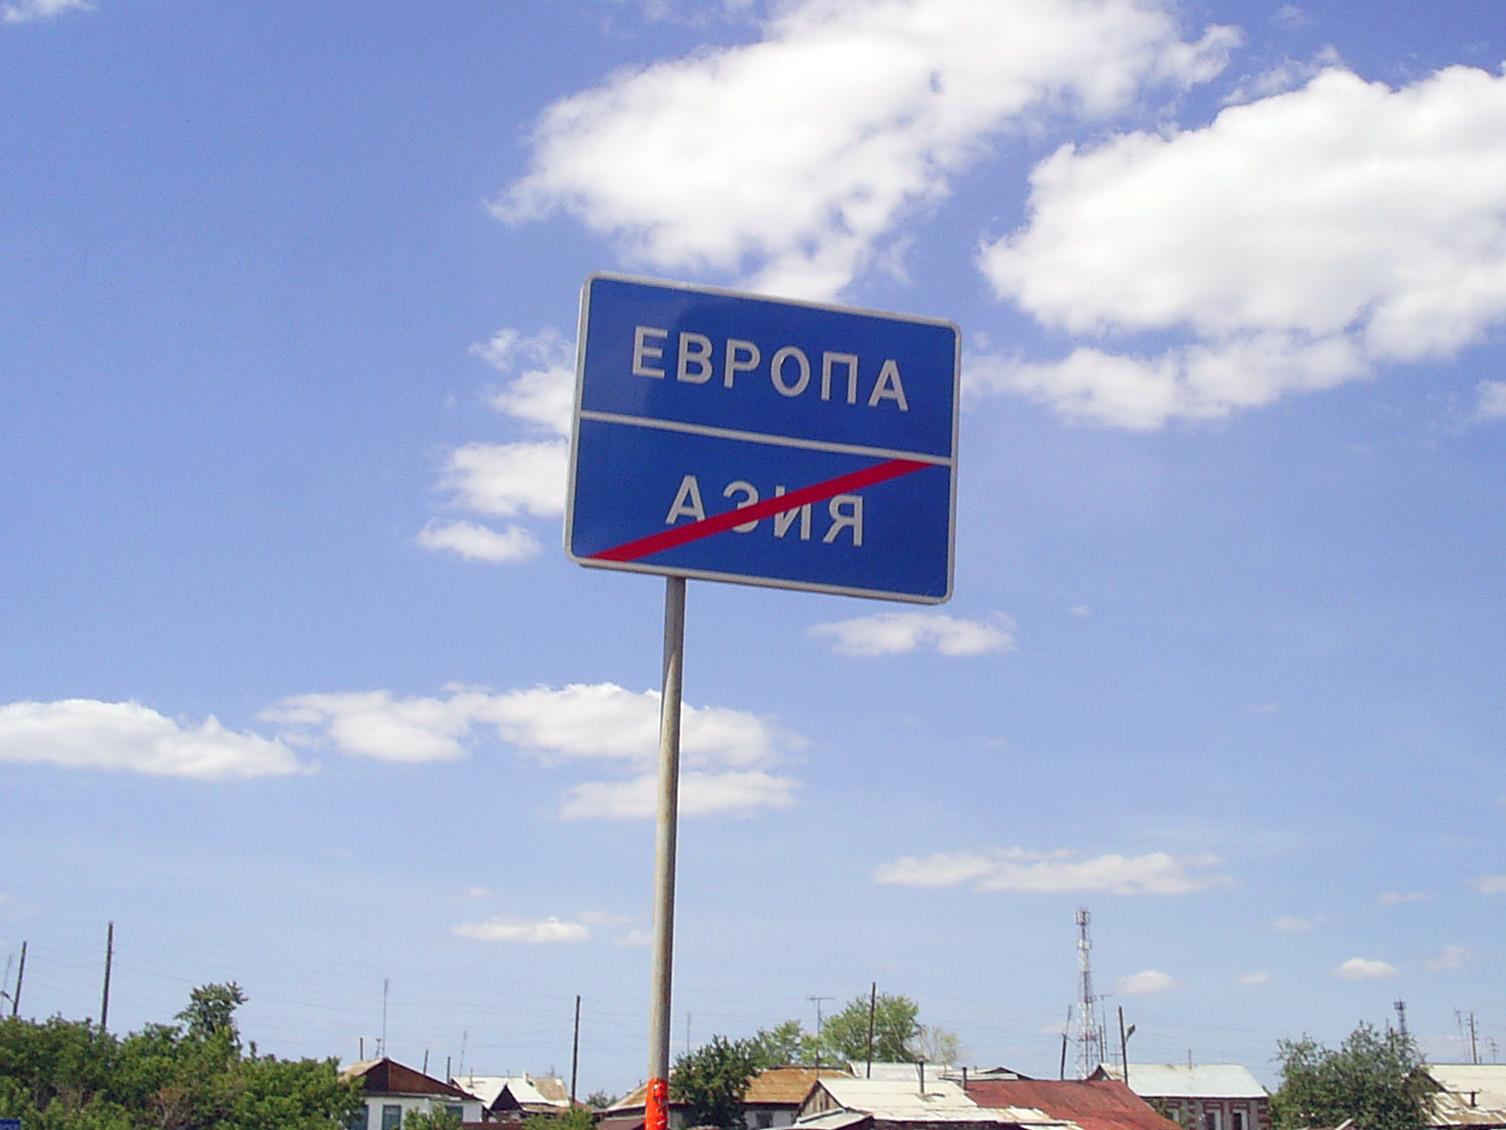 Граница между Европой и Азией: Дорожный знак на мосту в Кизильское